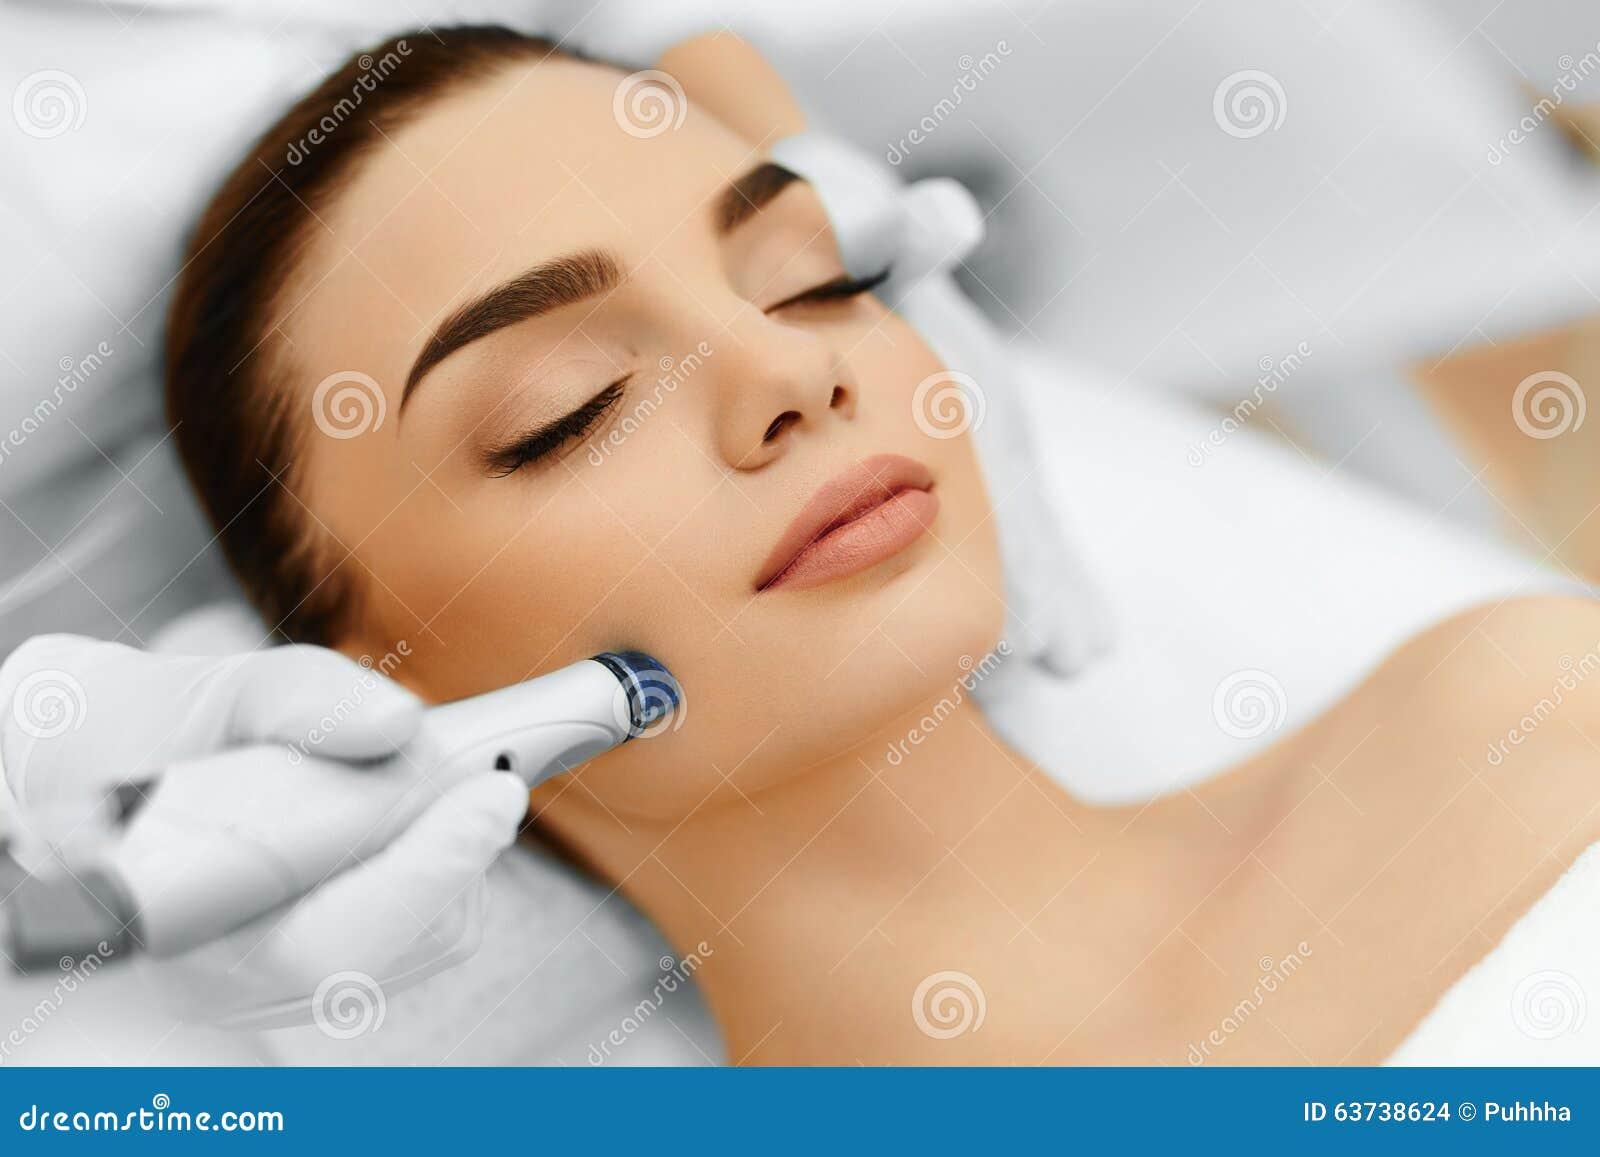 diandra facial skin care